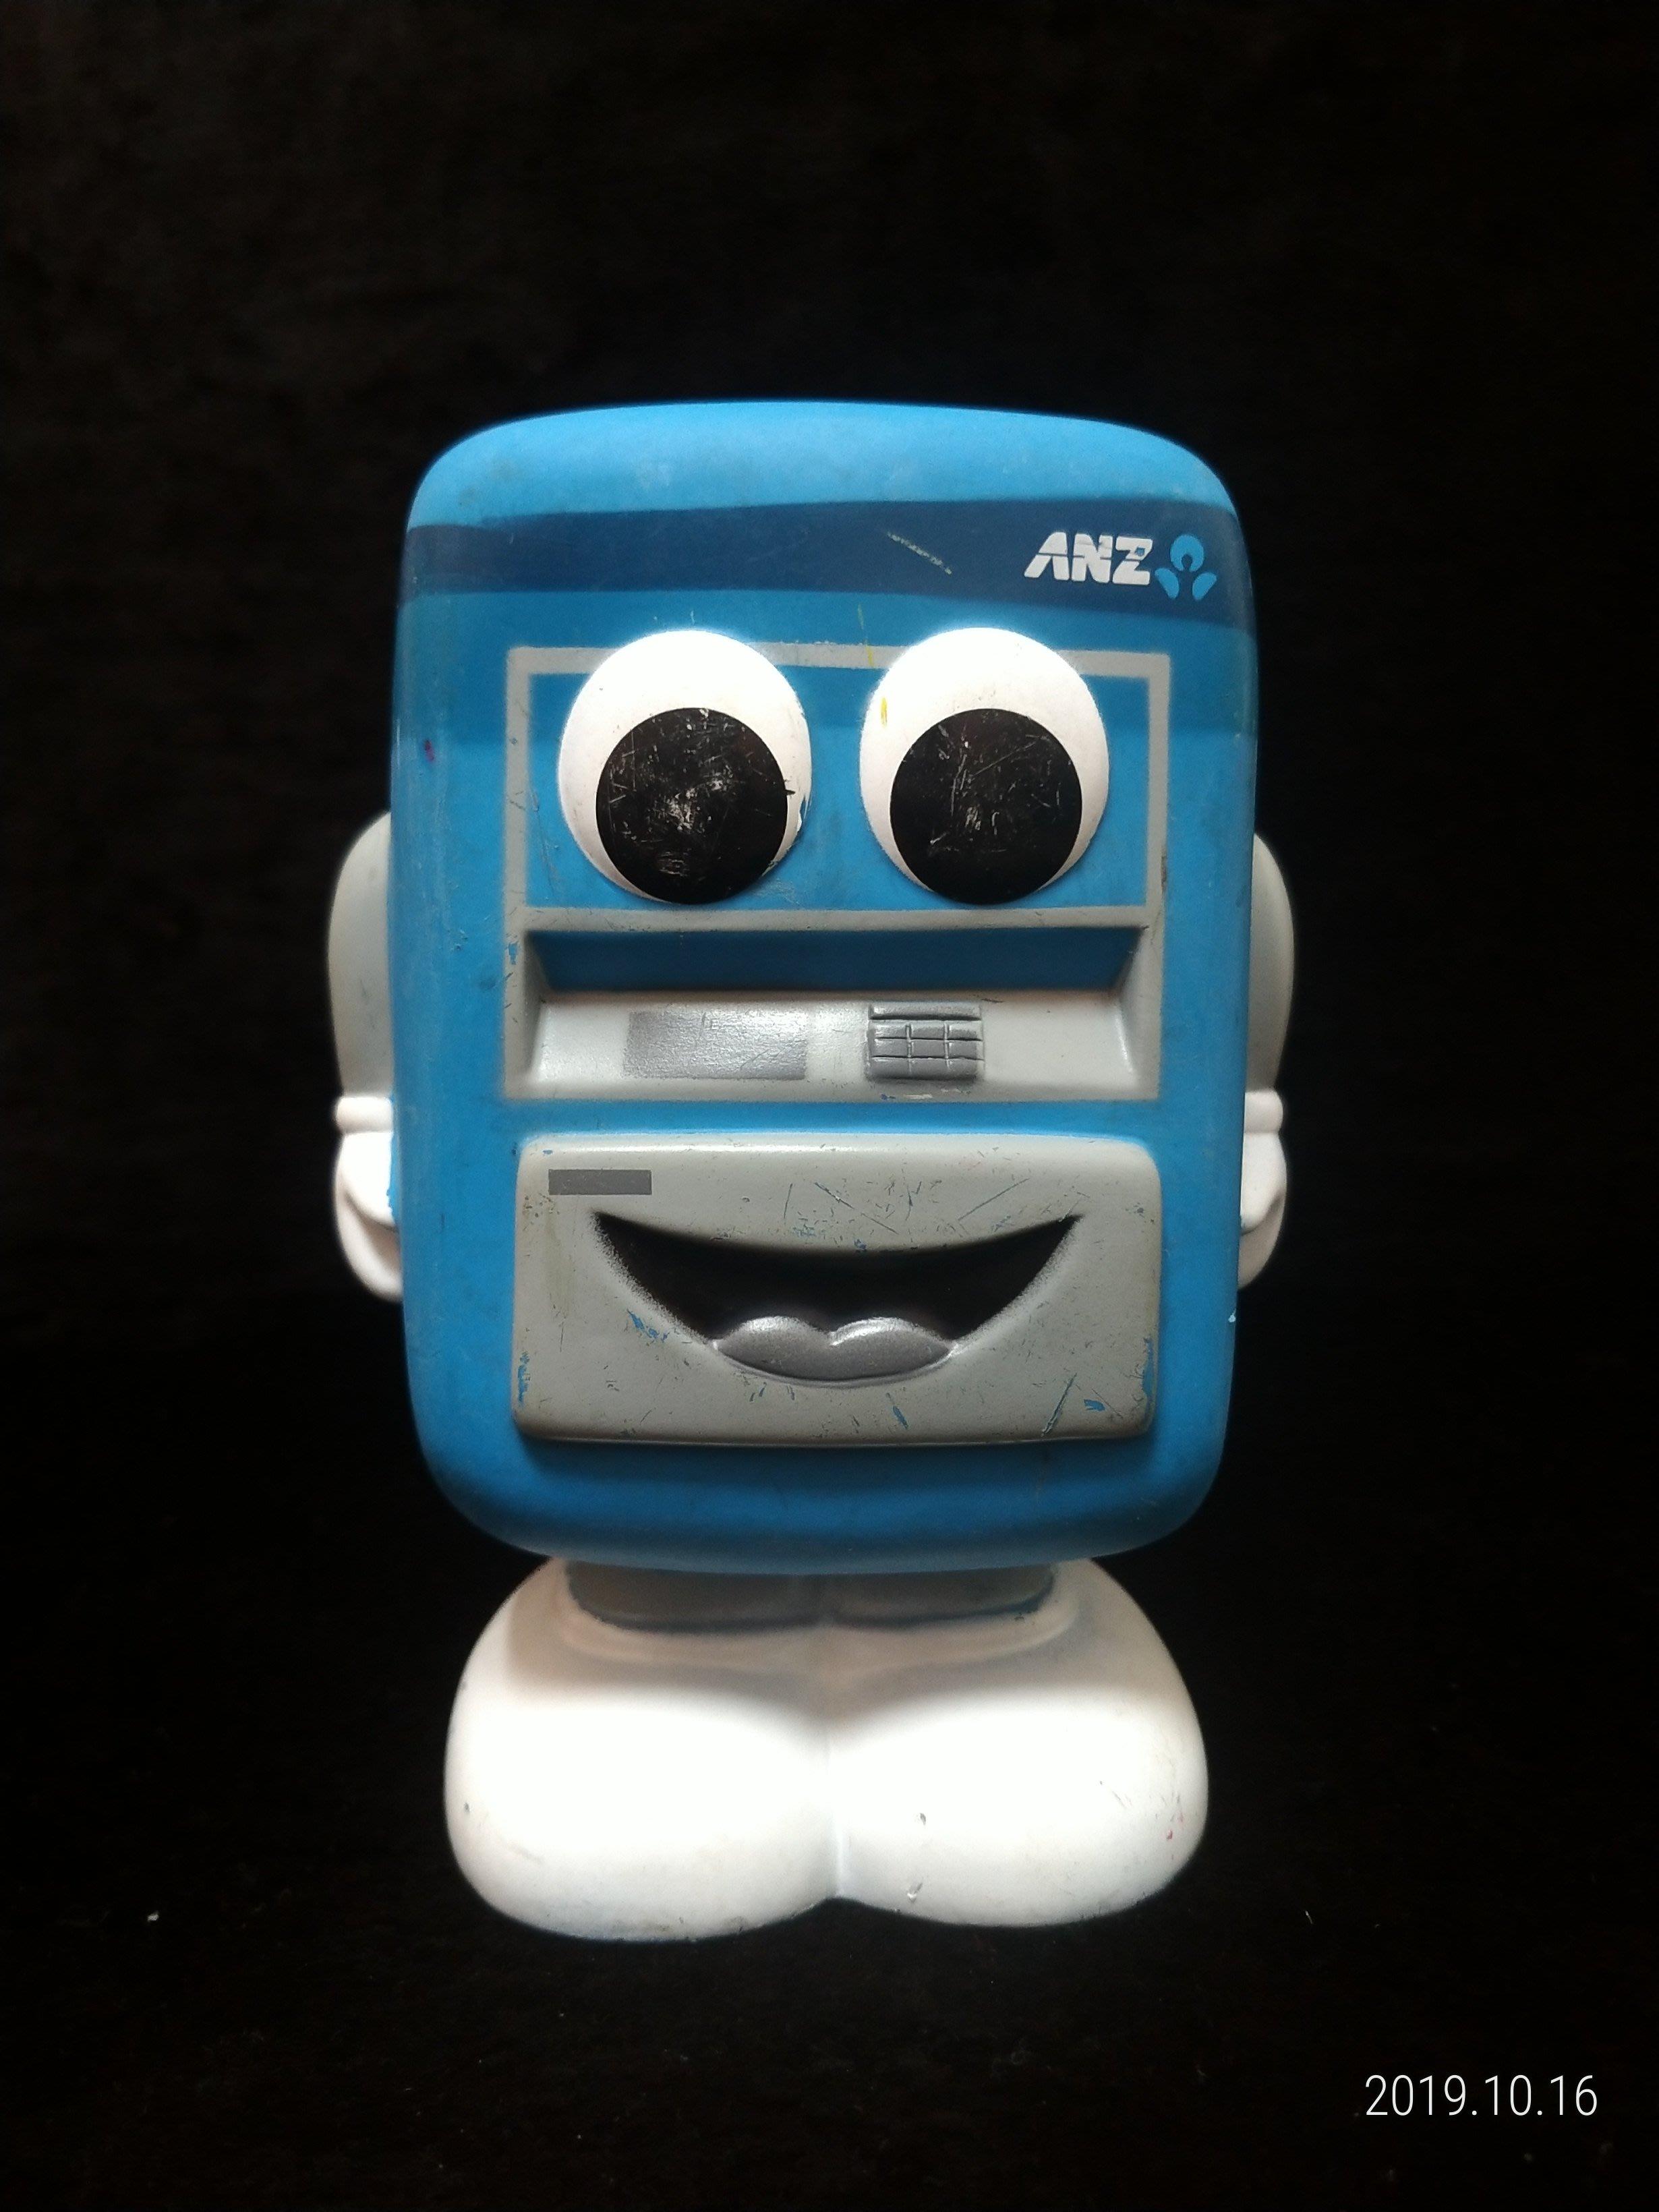 ANZ 澳盛銀行 - 提款機 玩偶 公仔 - 16公分高 - 紀念存錢筒 - 401元起標      A-5箱